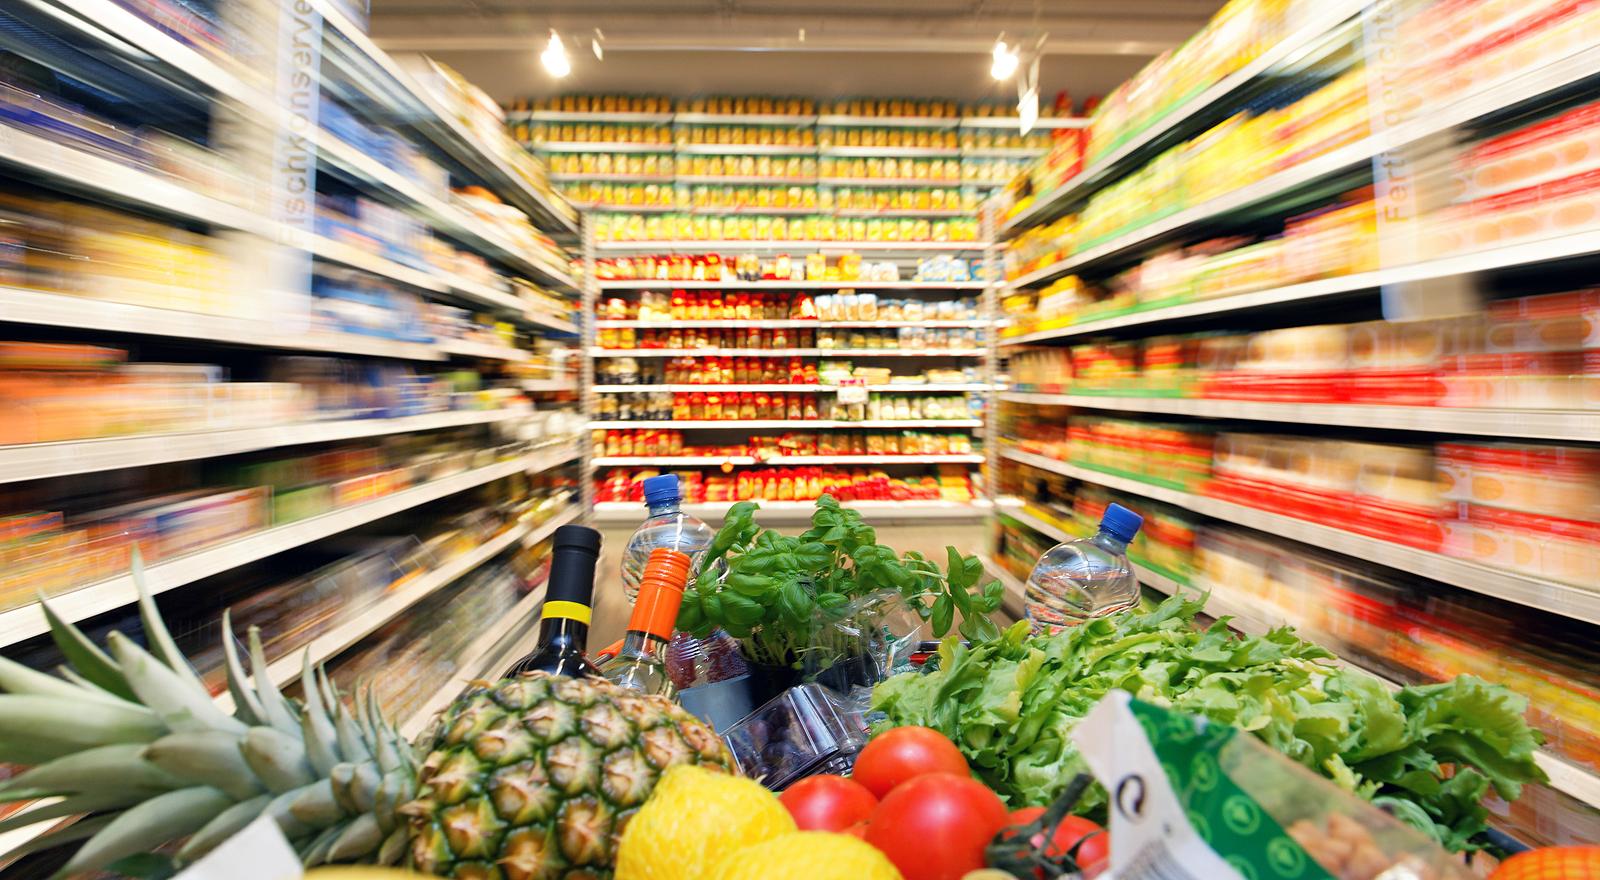 W 2021 r. wolniejsze tempo wzrostu cen żywności